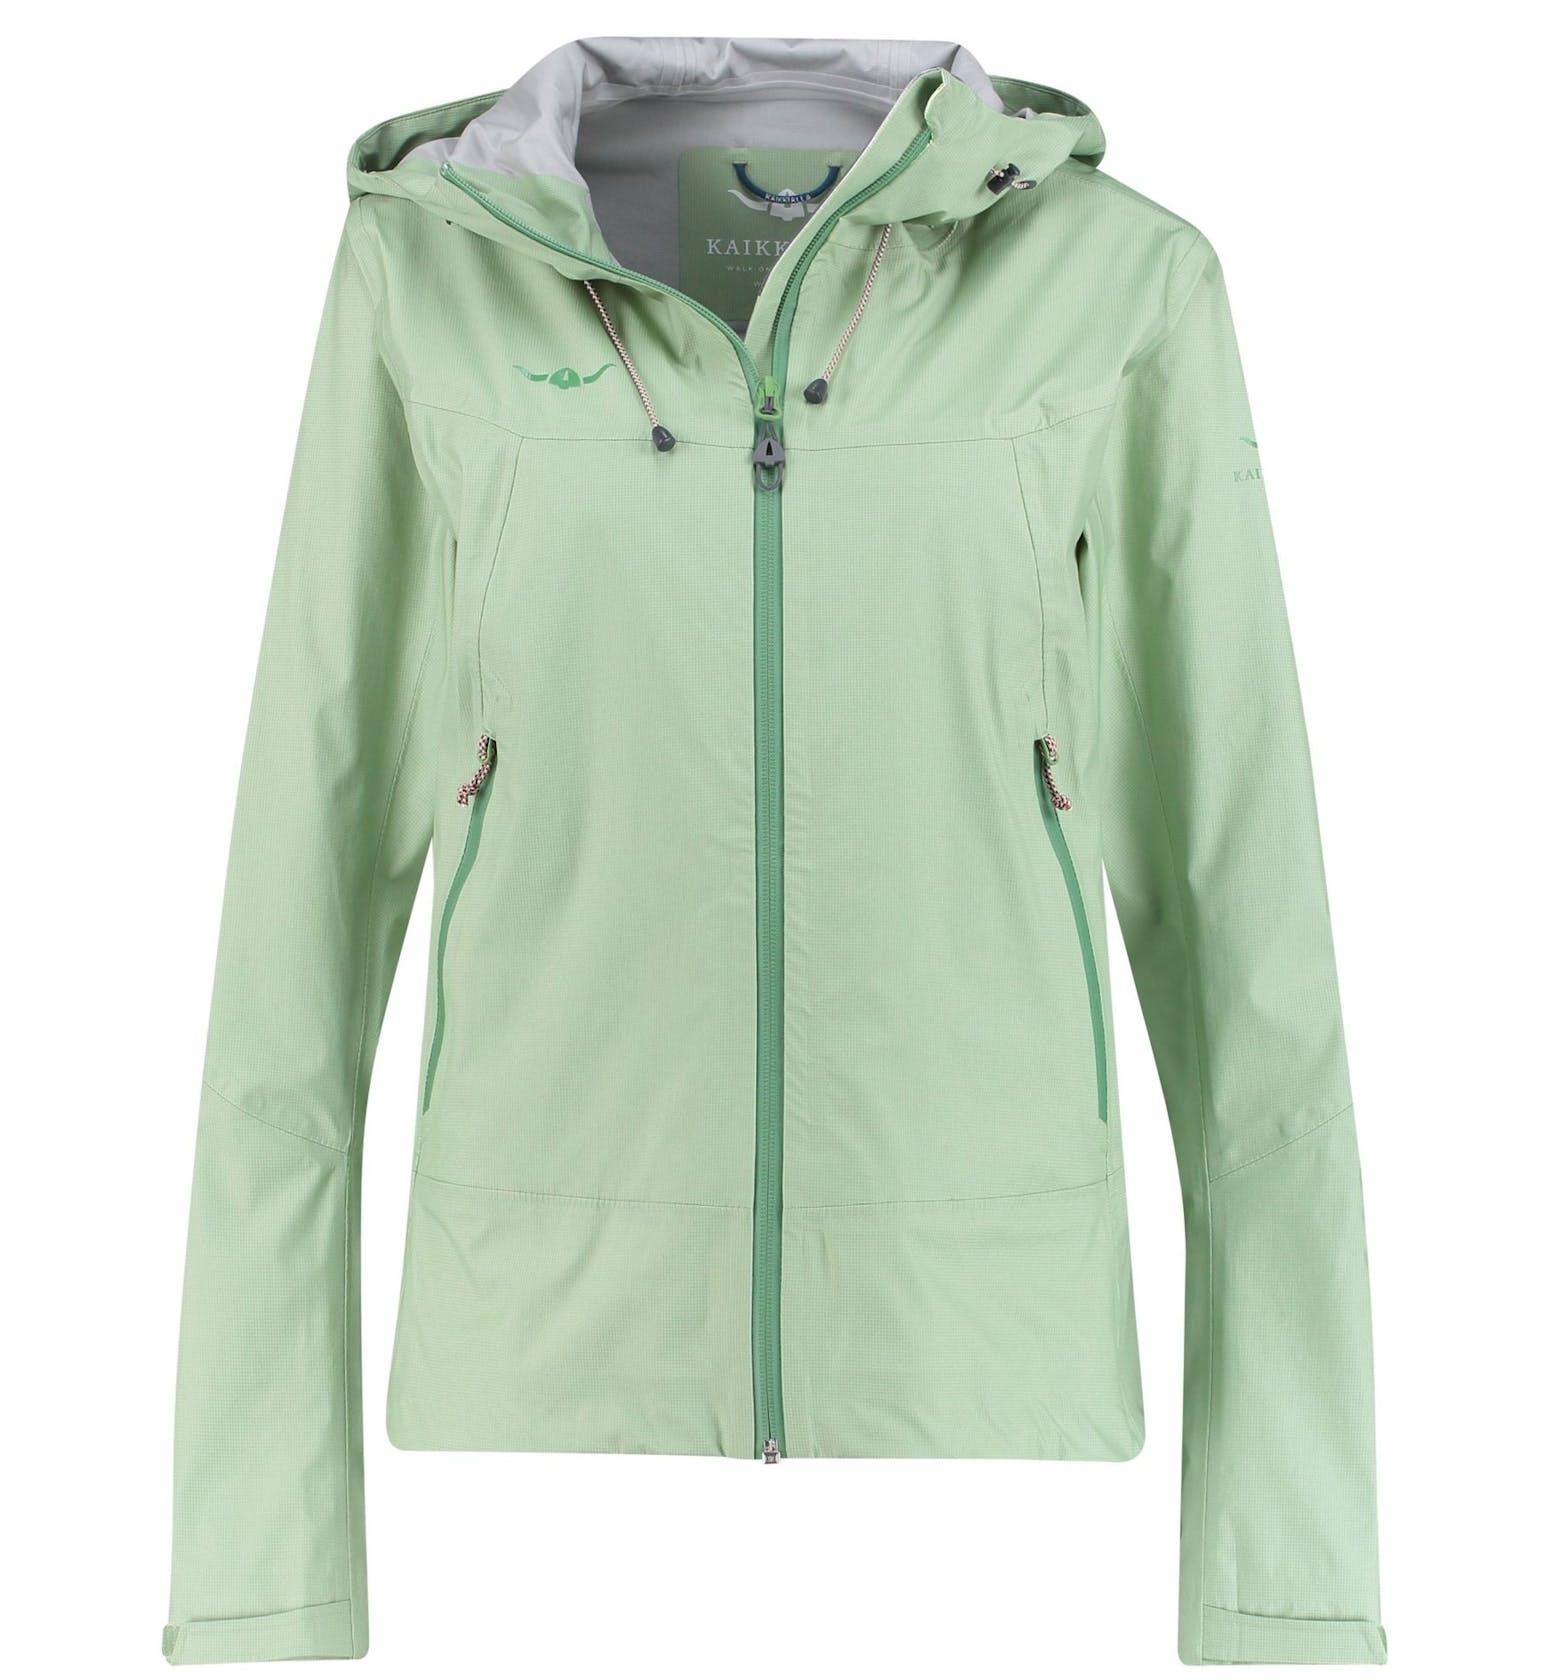 Kaikkialla Arja waterproof 3L - giacca hardshell - donna